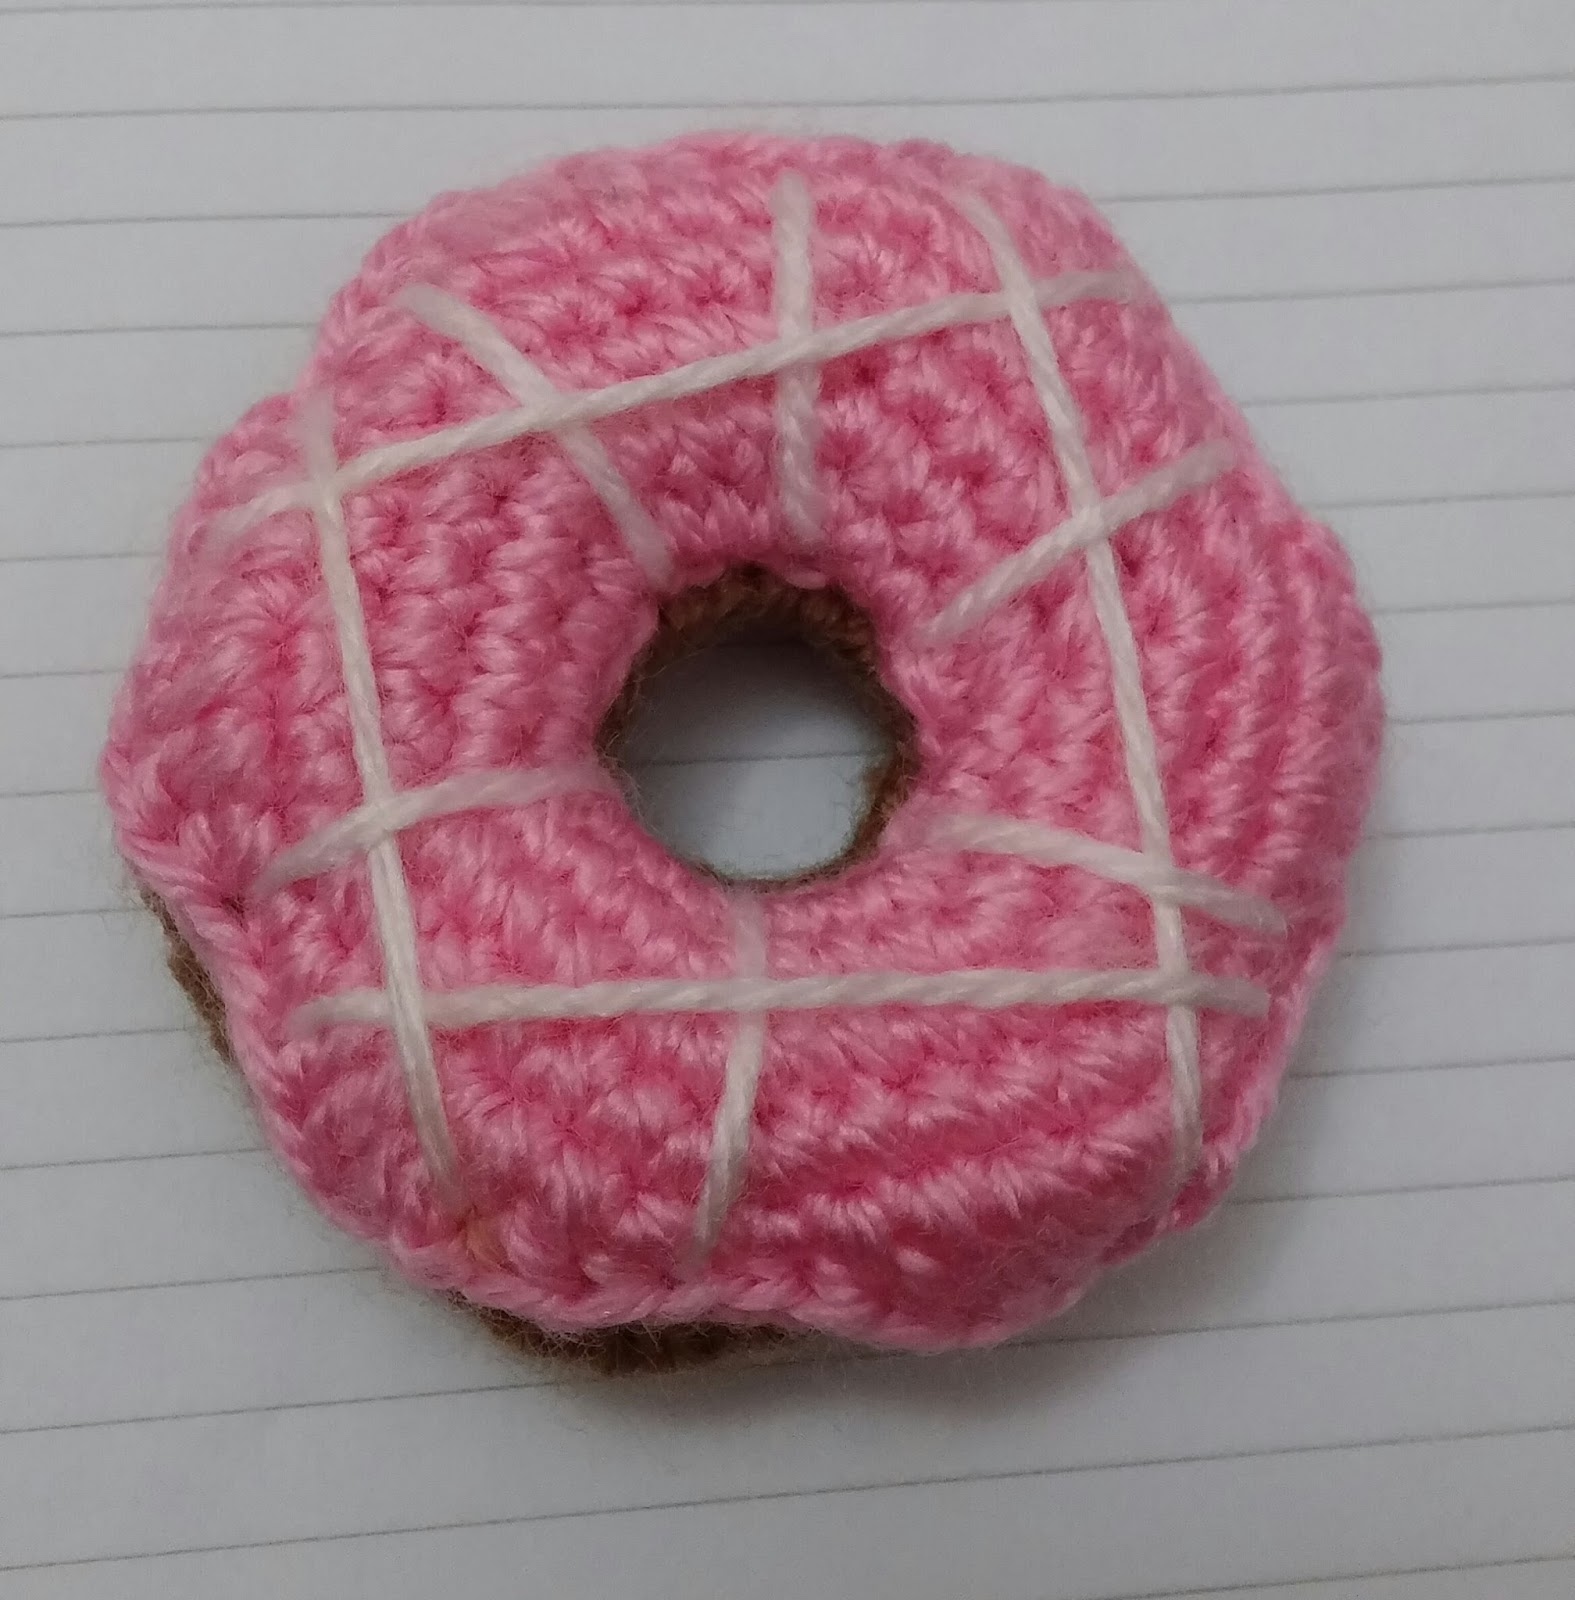 Amigurumi Donut Patron : Amigurumi Cenneti: Amigurumi Donut Free Pattern